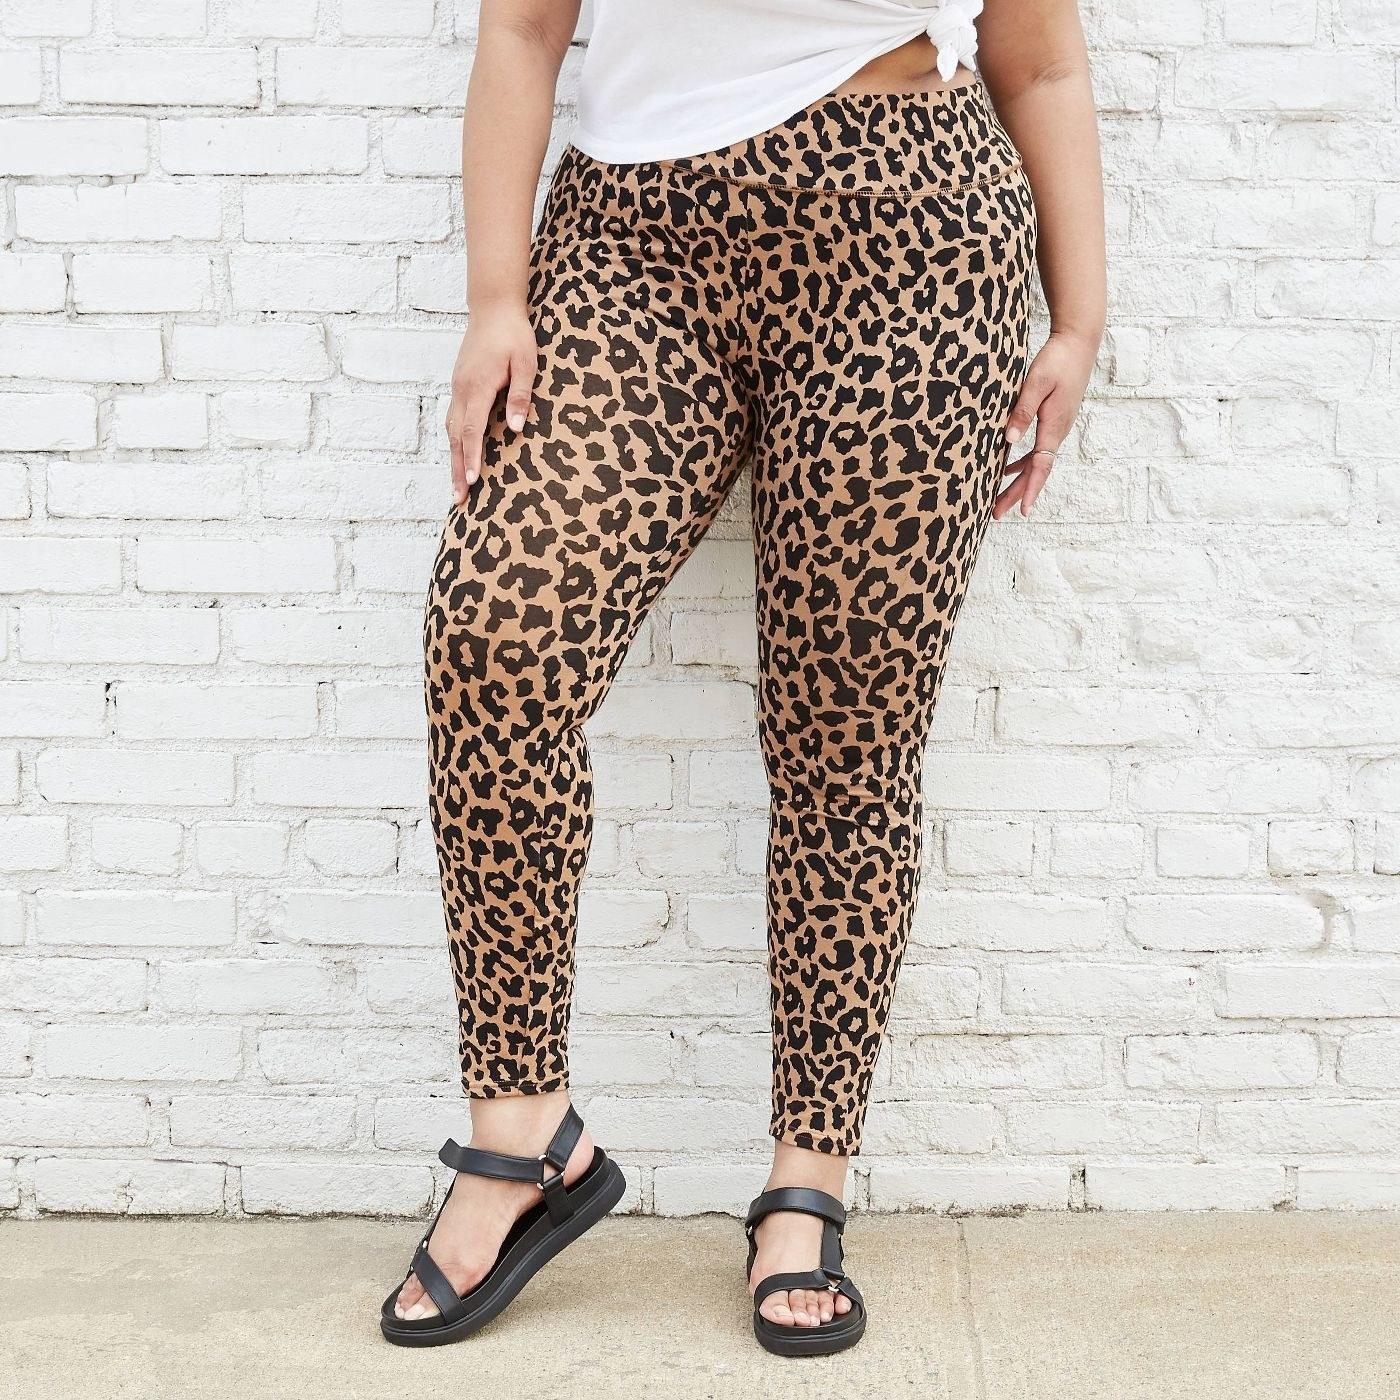 Model in leopard leggings